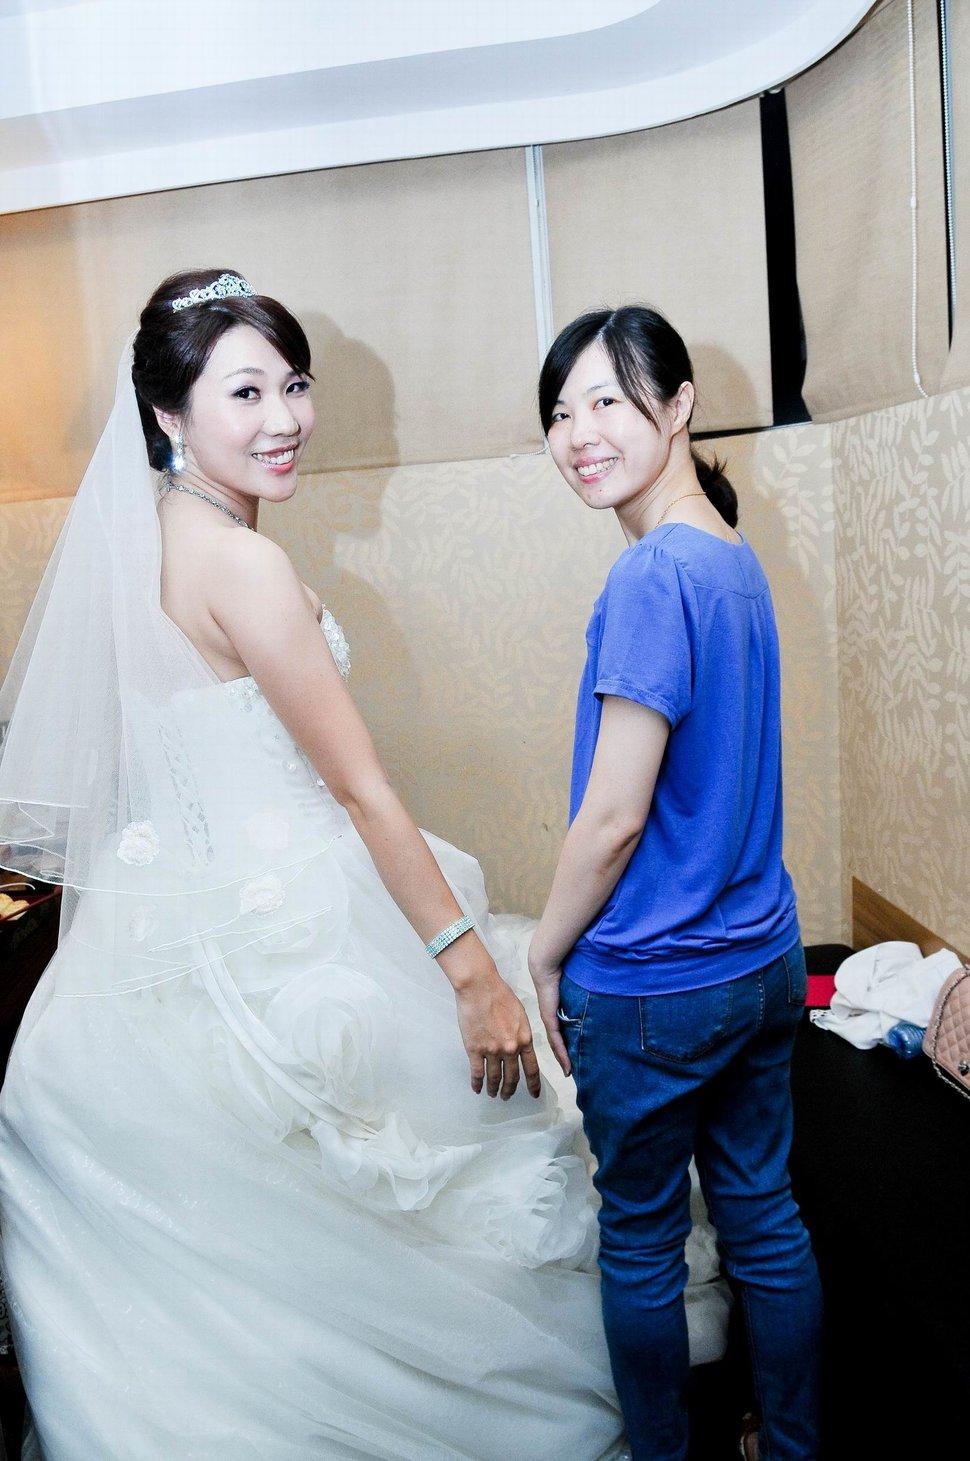 板橋吉立定結餐廳迎娶文定婚禮記錄結婚迎娶婚禮攝影動態微電影錄影專業錄影平面攝影影婚禮主持人(編號:197097) - 蜜月拍照10800錄影12800攝影團隊 - 結婚吧